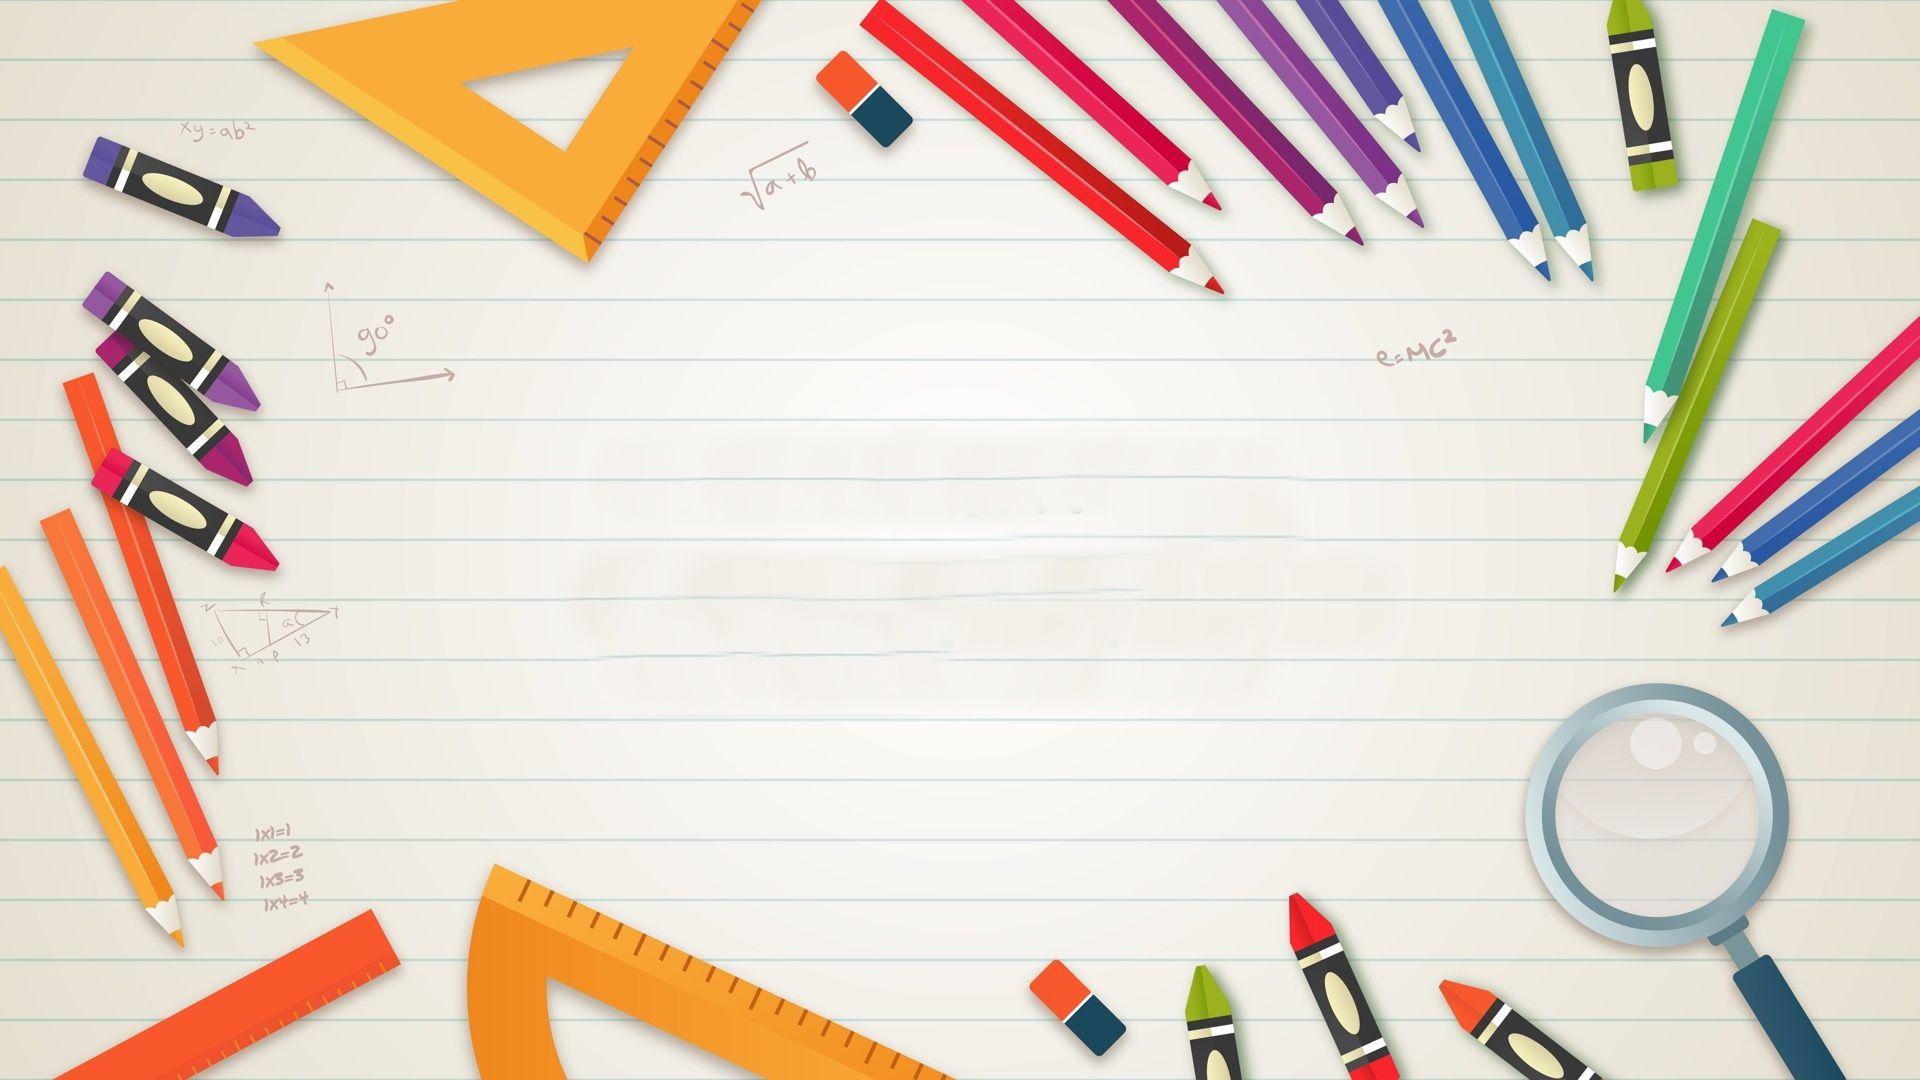 Ảnh nền cho powerpoint đơn giản tinh tế trong giáo dục